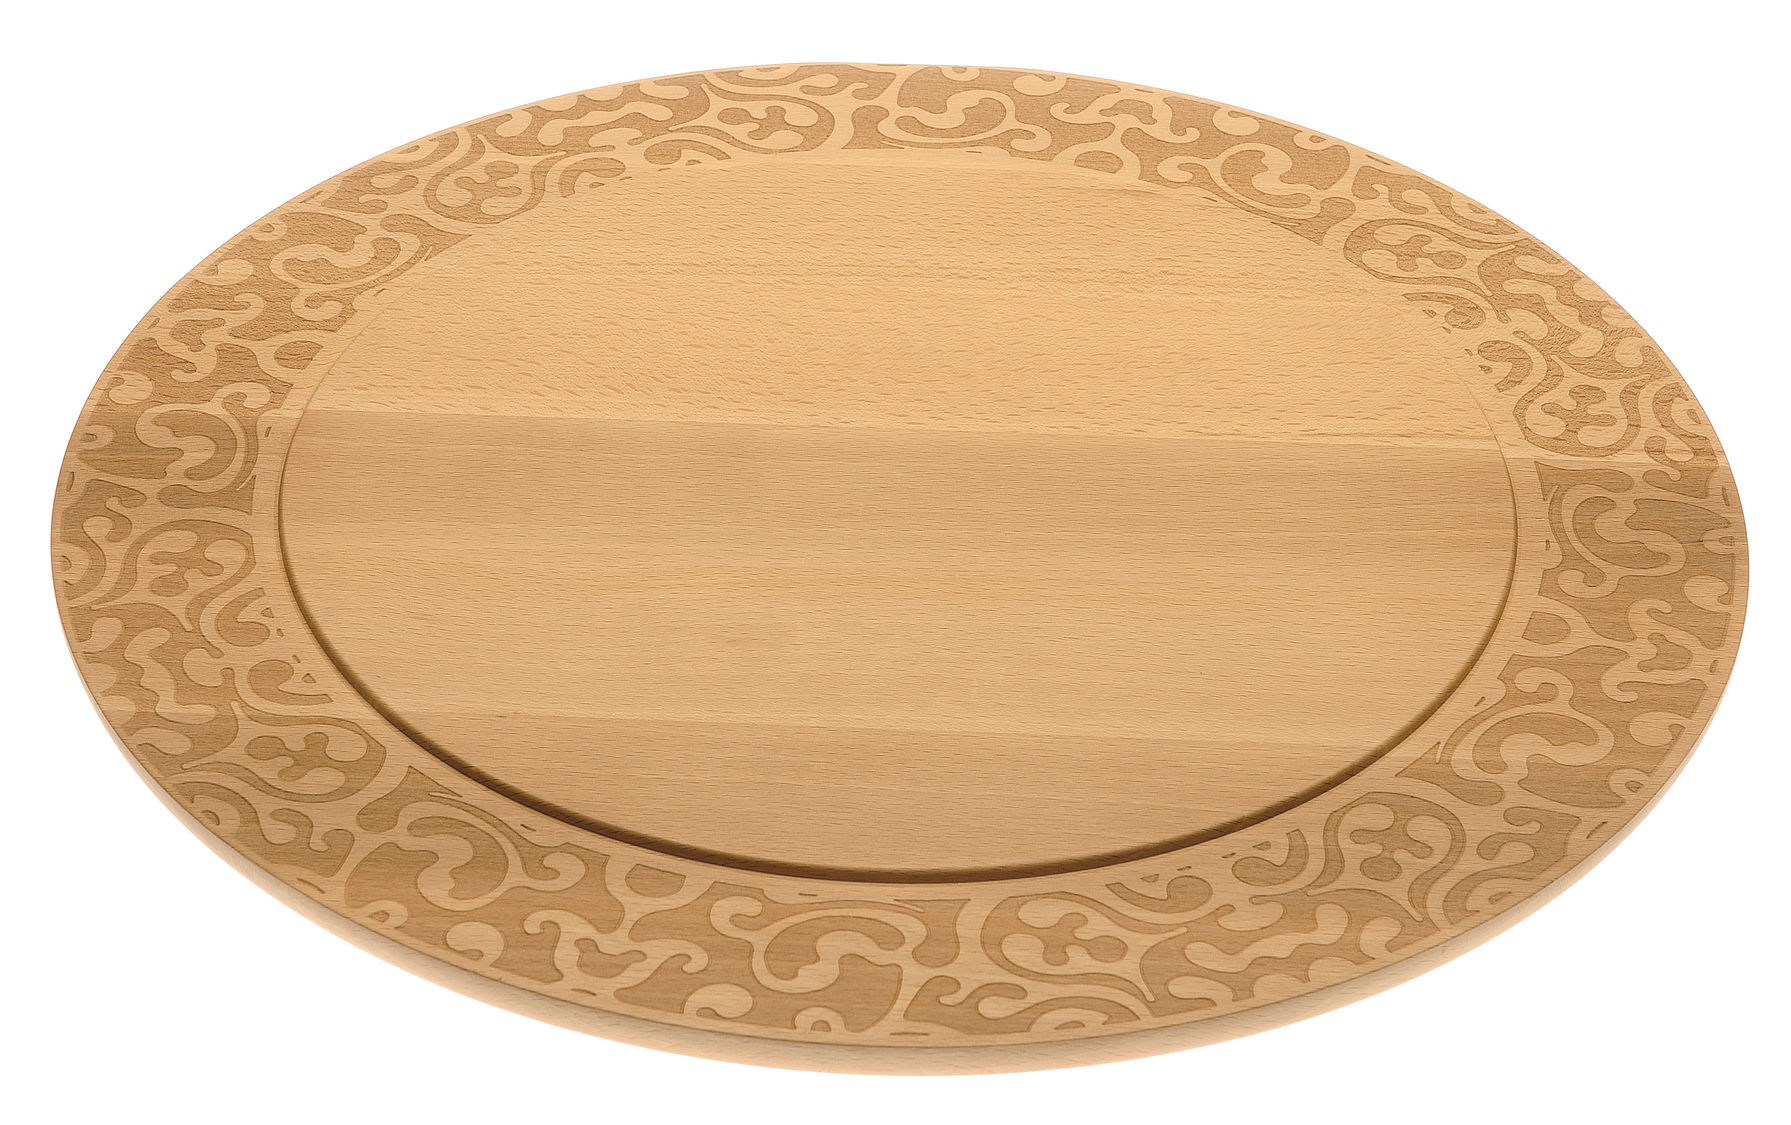 Arts de la table - Plateaux - Plateau à fromage Dressed in Wood / Ø 41 cm - Alessi - Bois naturel - Hêtre